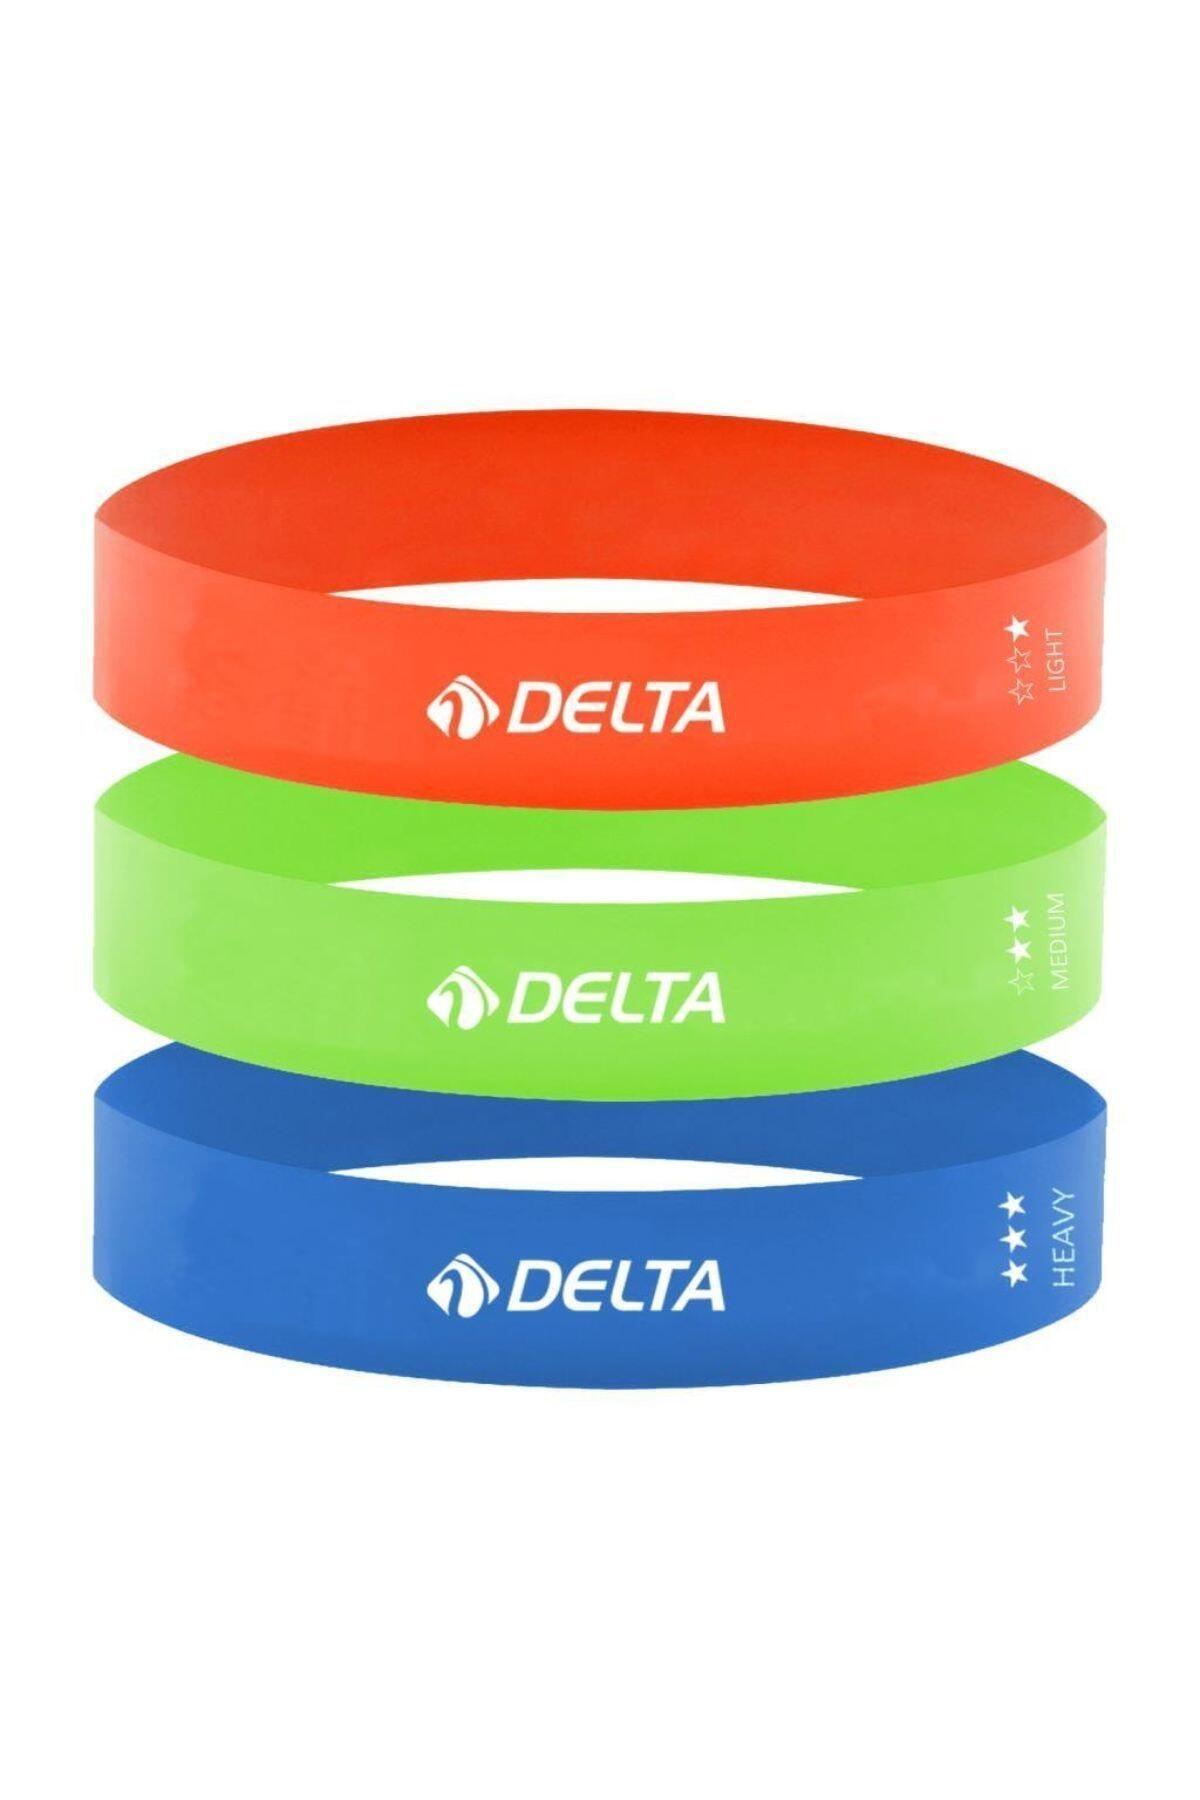 Delta Als980 3'lü Aerobik Bandı Lateks Bant Pilates Lastiği Seti 1